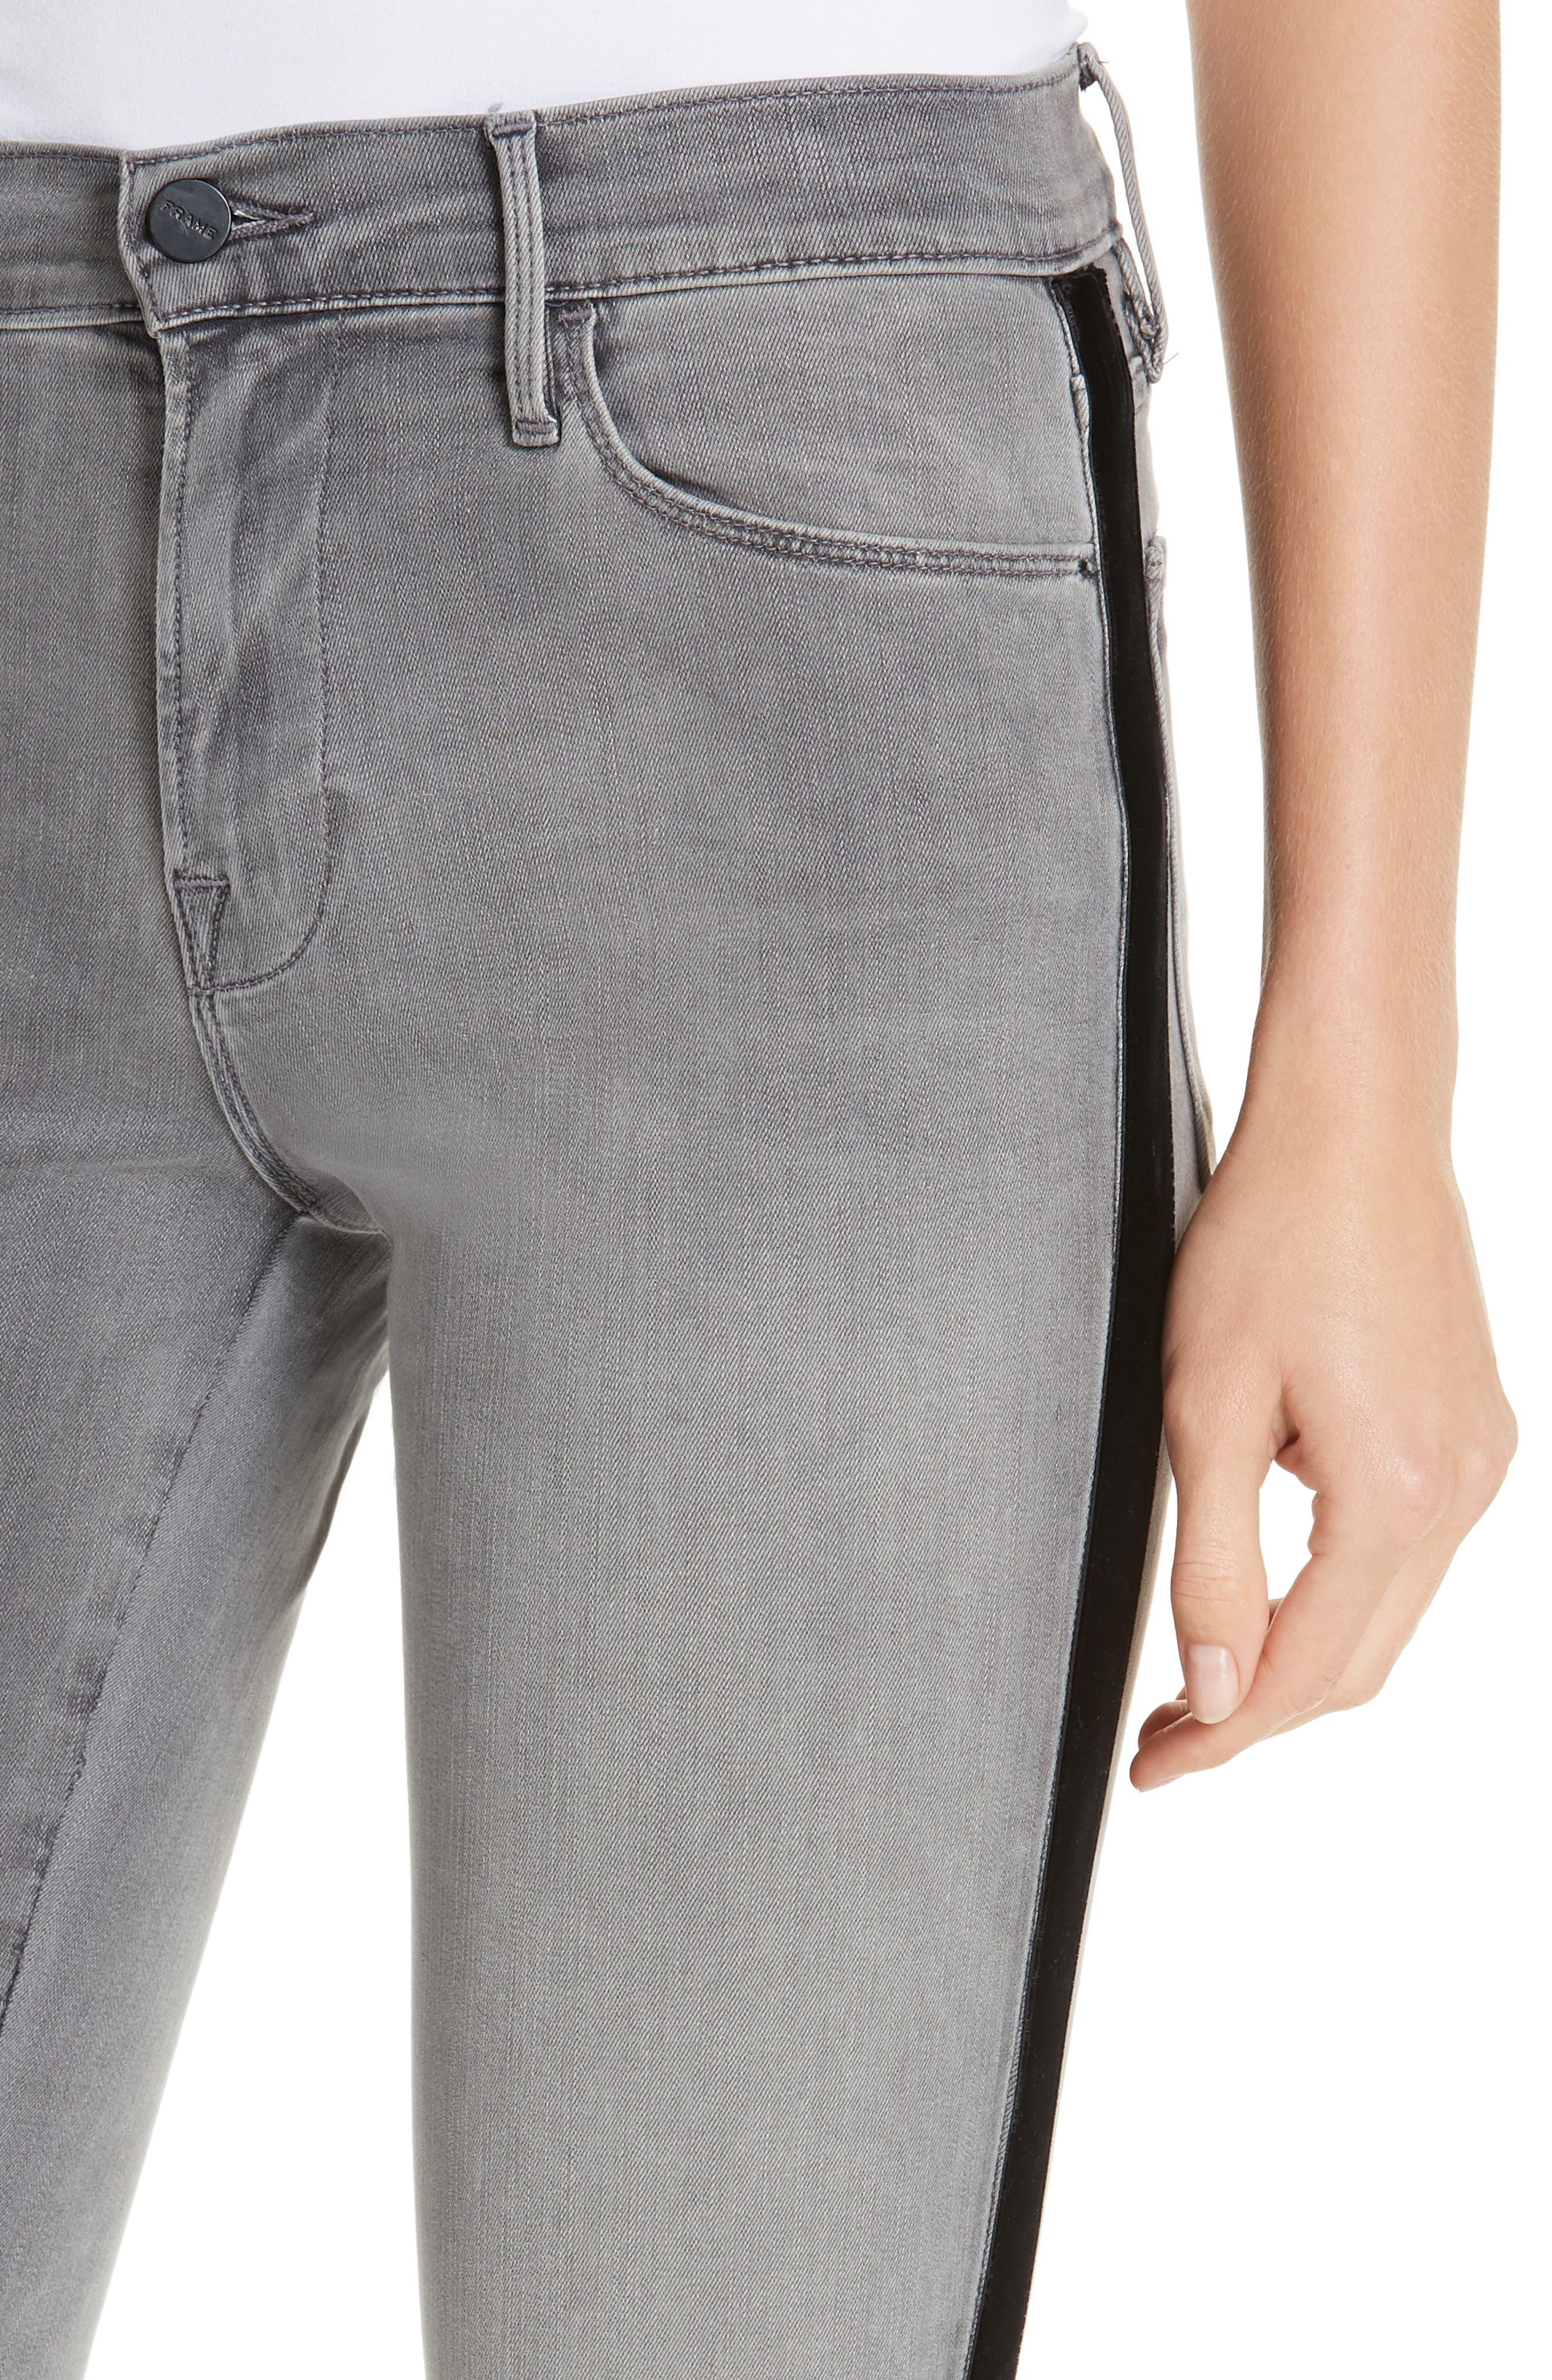 Le High Velvet Tuxedo Stripe Ankle Skinny Jeans,                             Alternate thumbnail 4, color,                             GRIMES